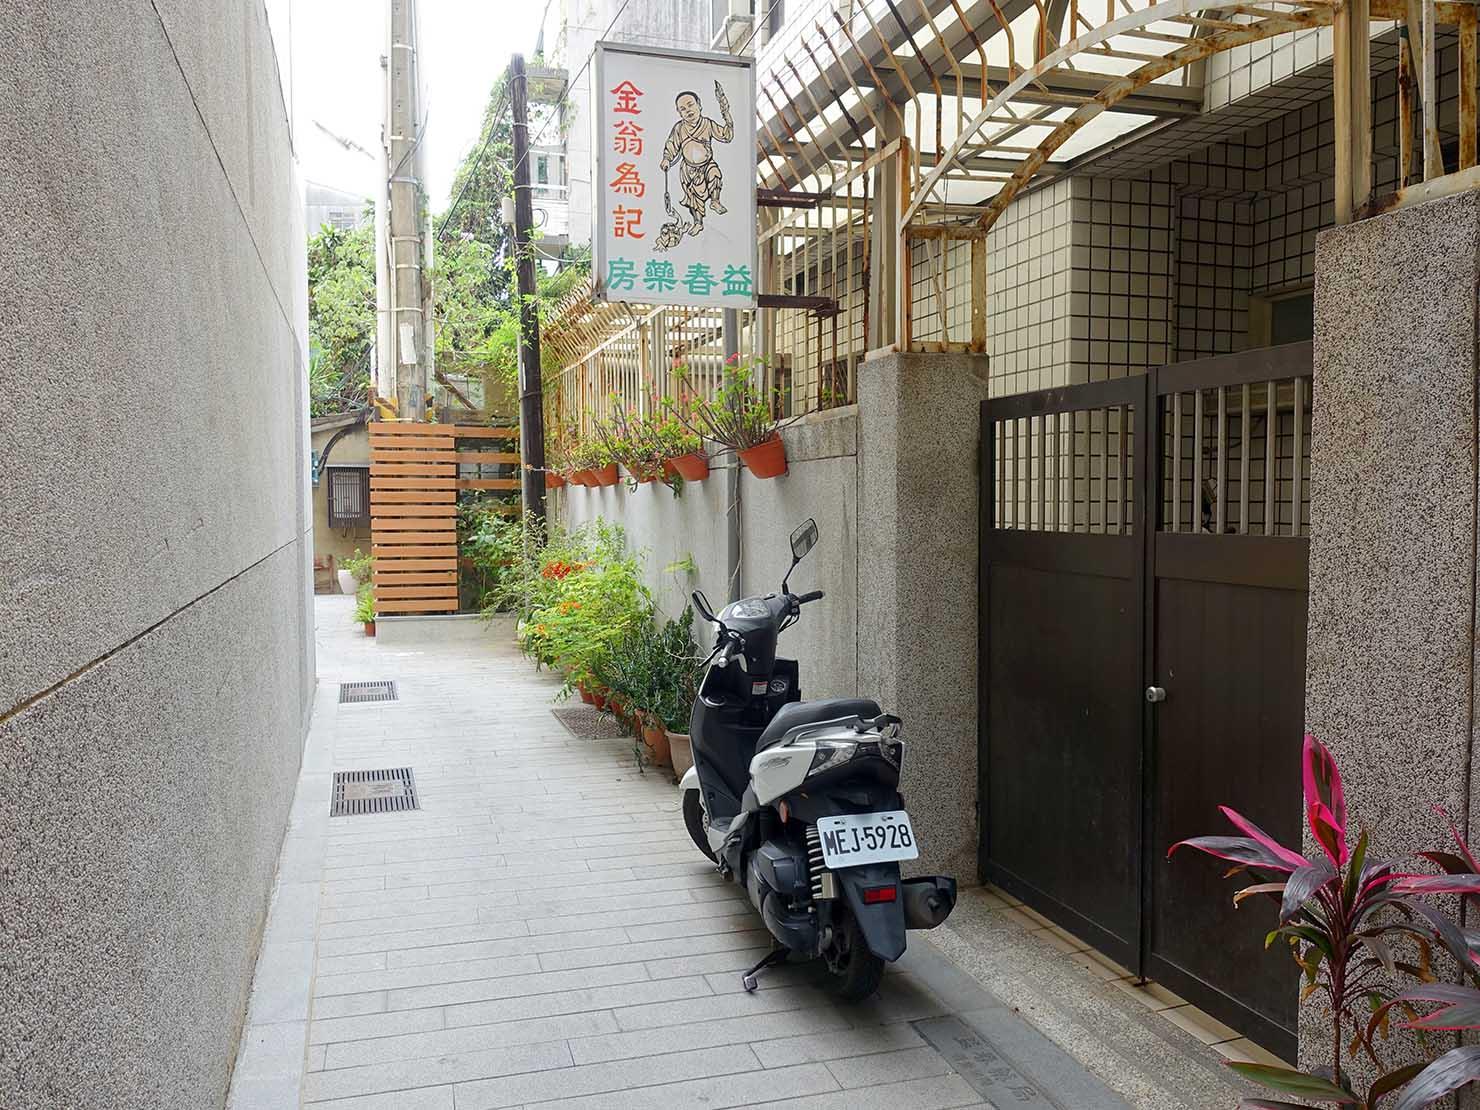 台南・永福路二段97巷の中藥行看板